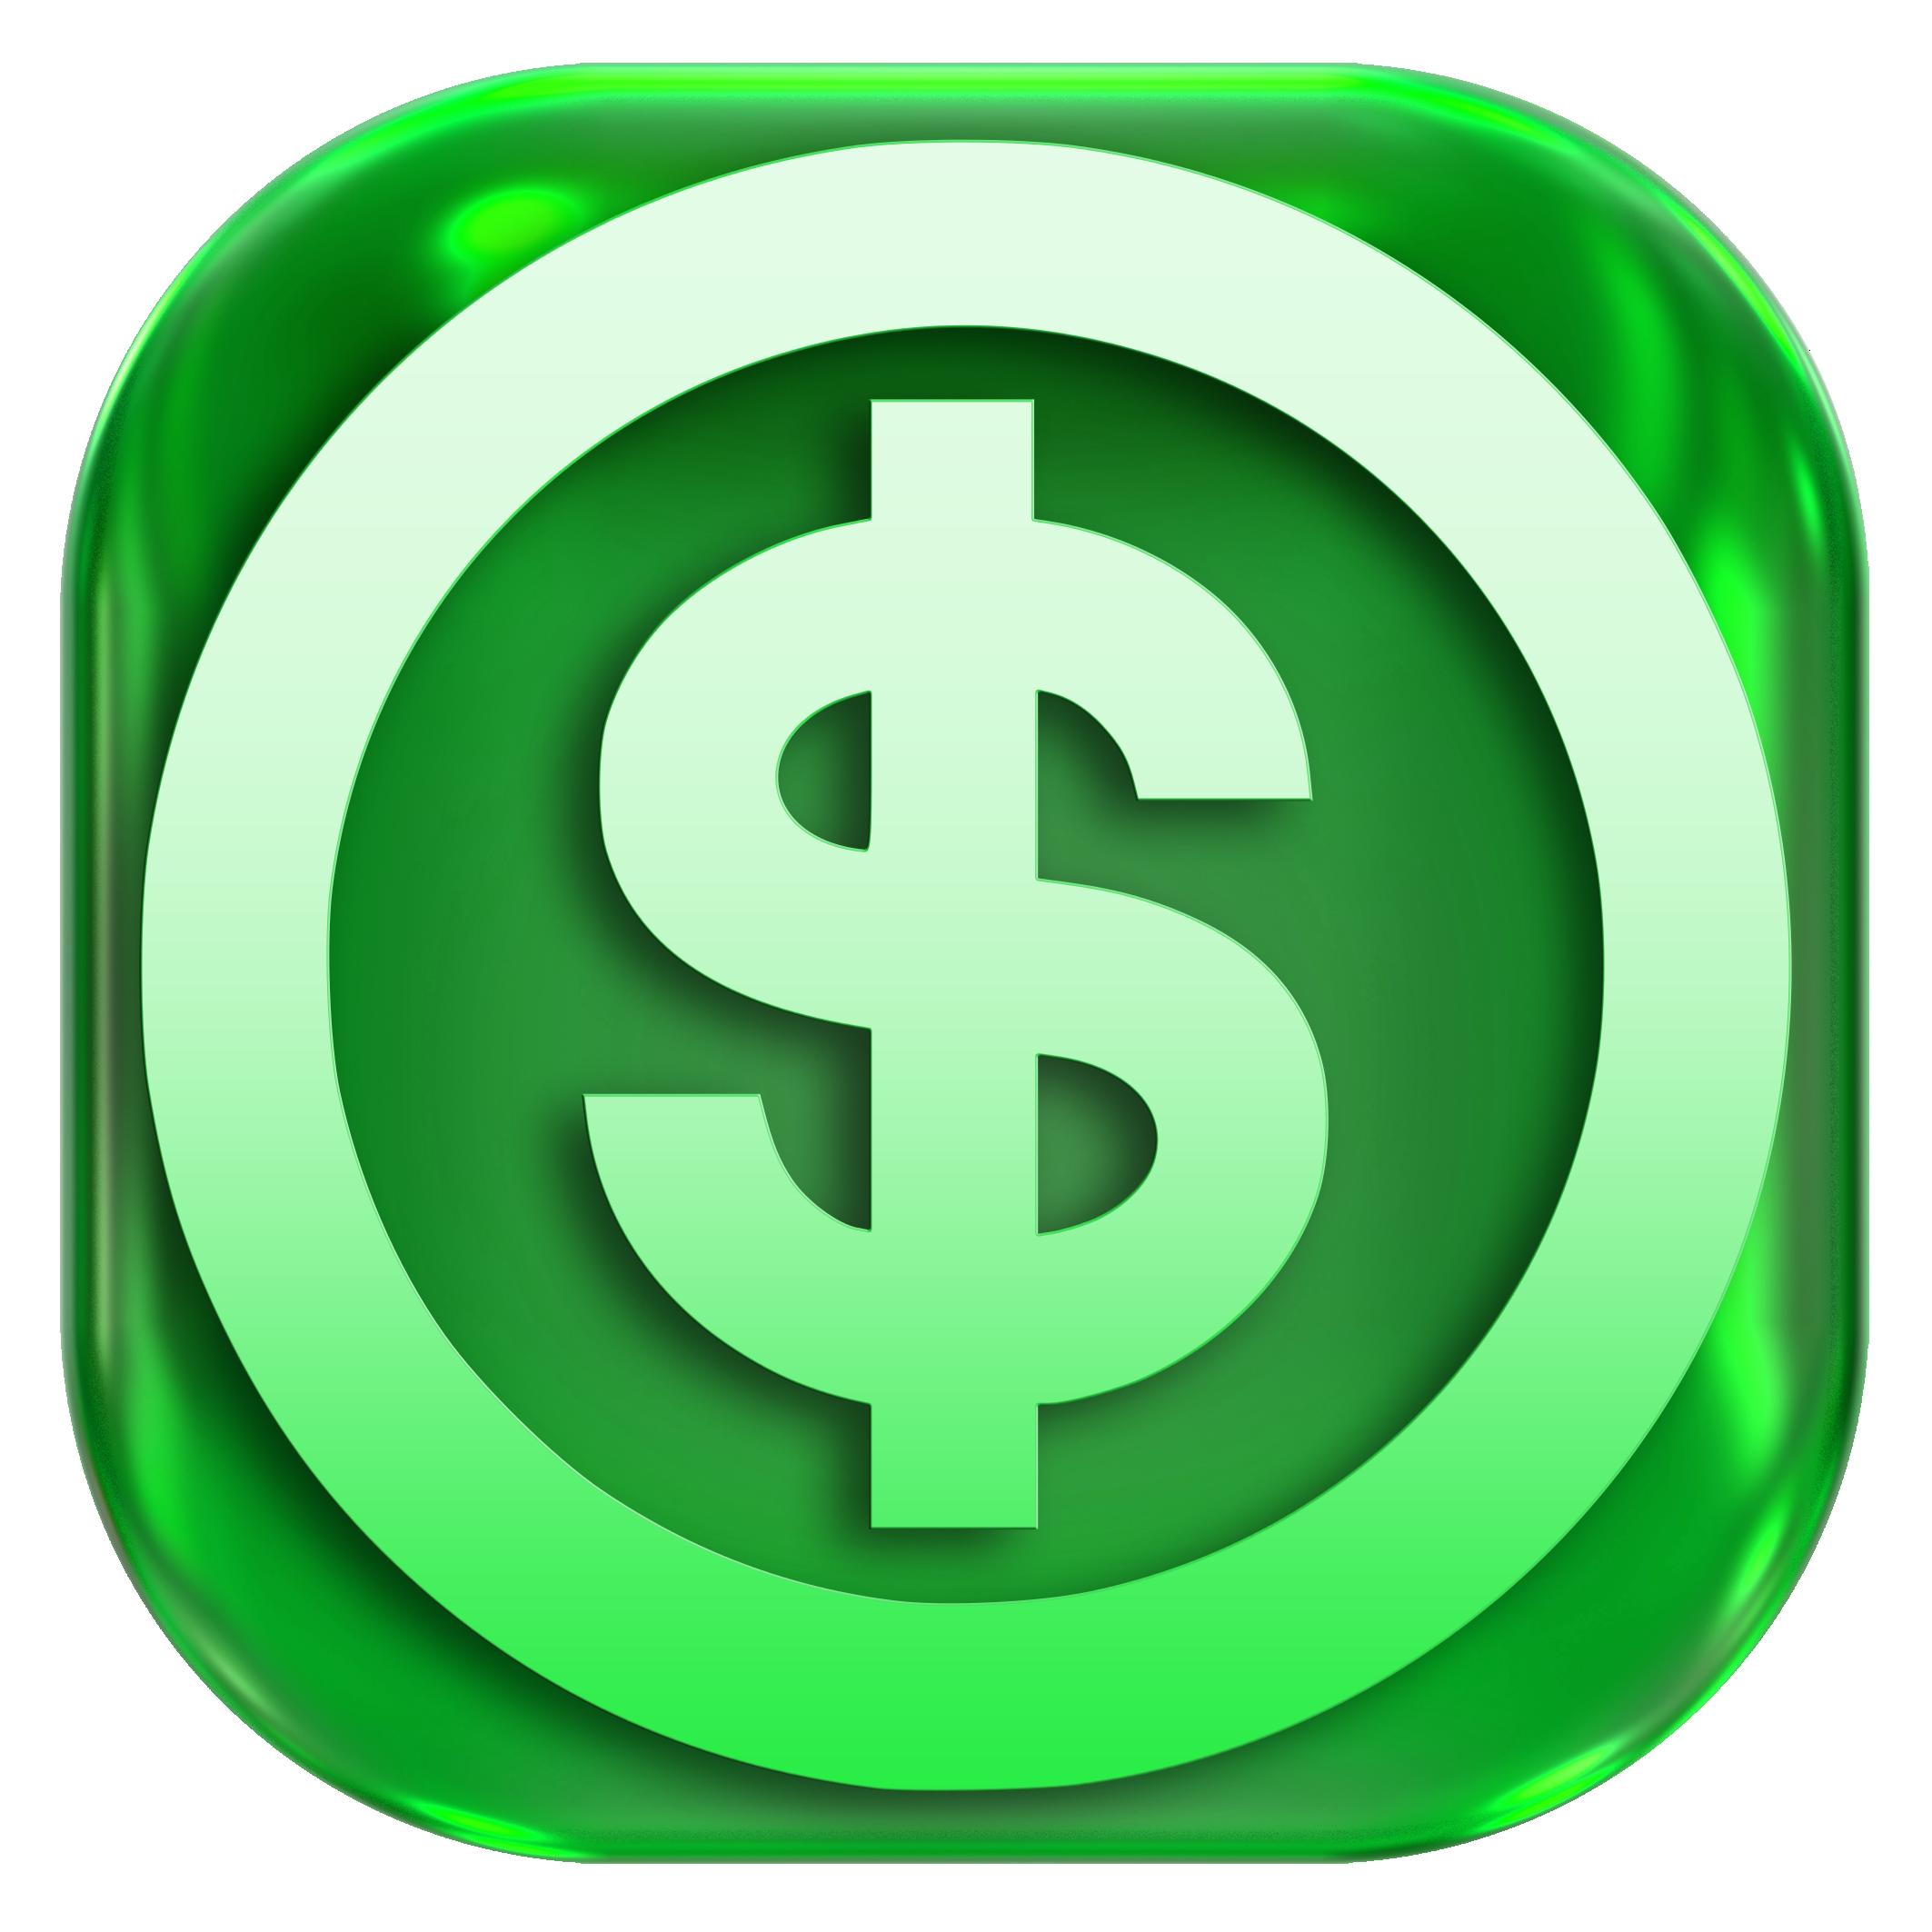 Dollar PNG-PlusPNG.com-2126 - Dollar PNG